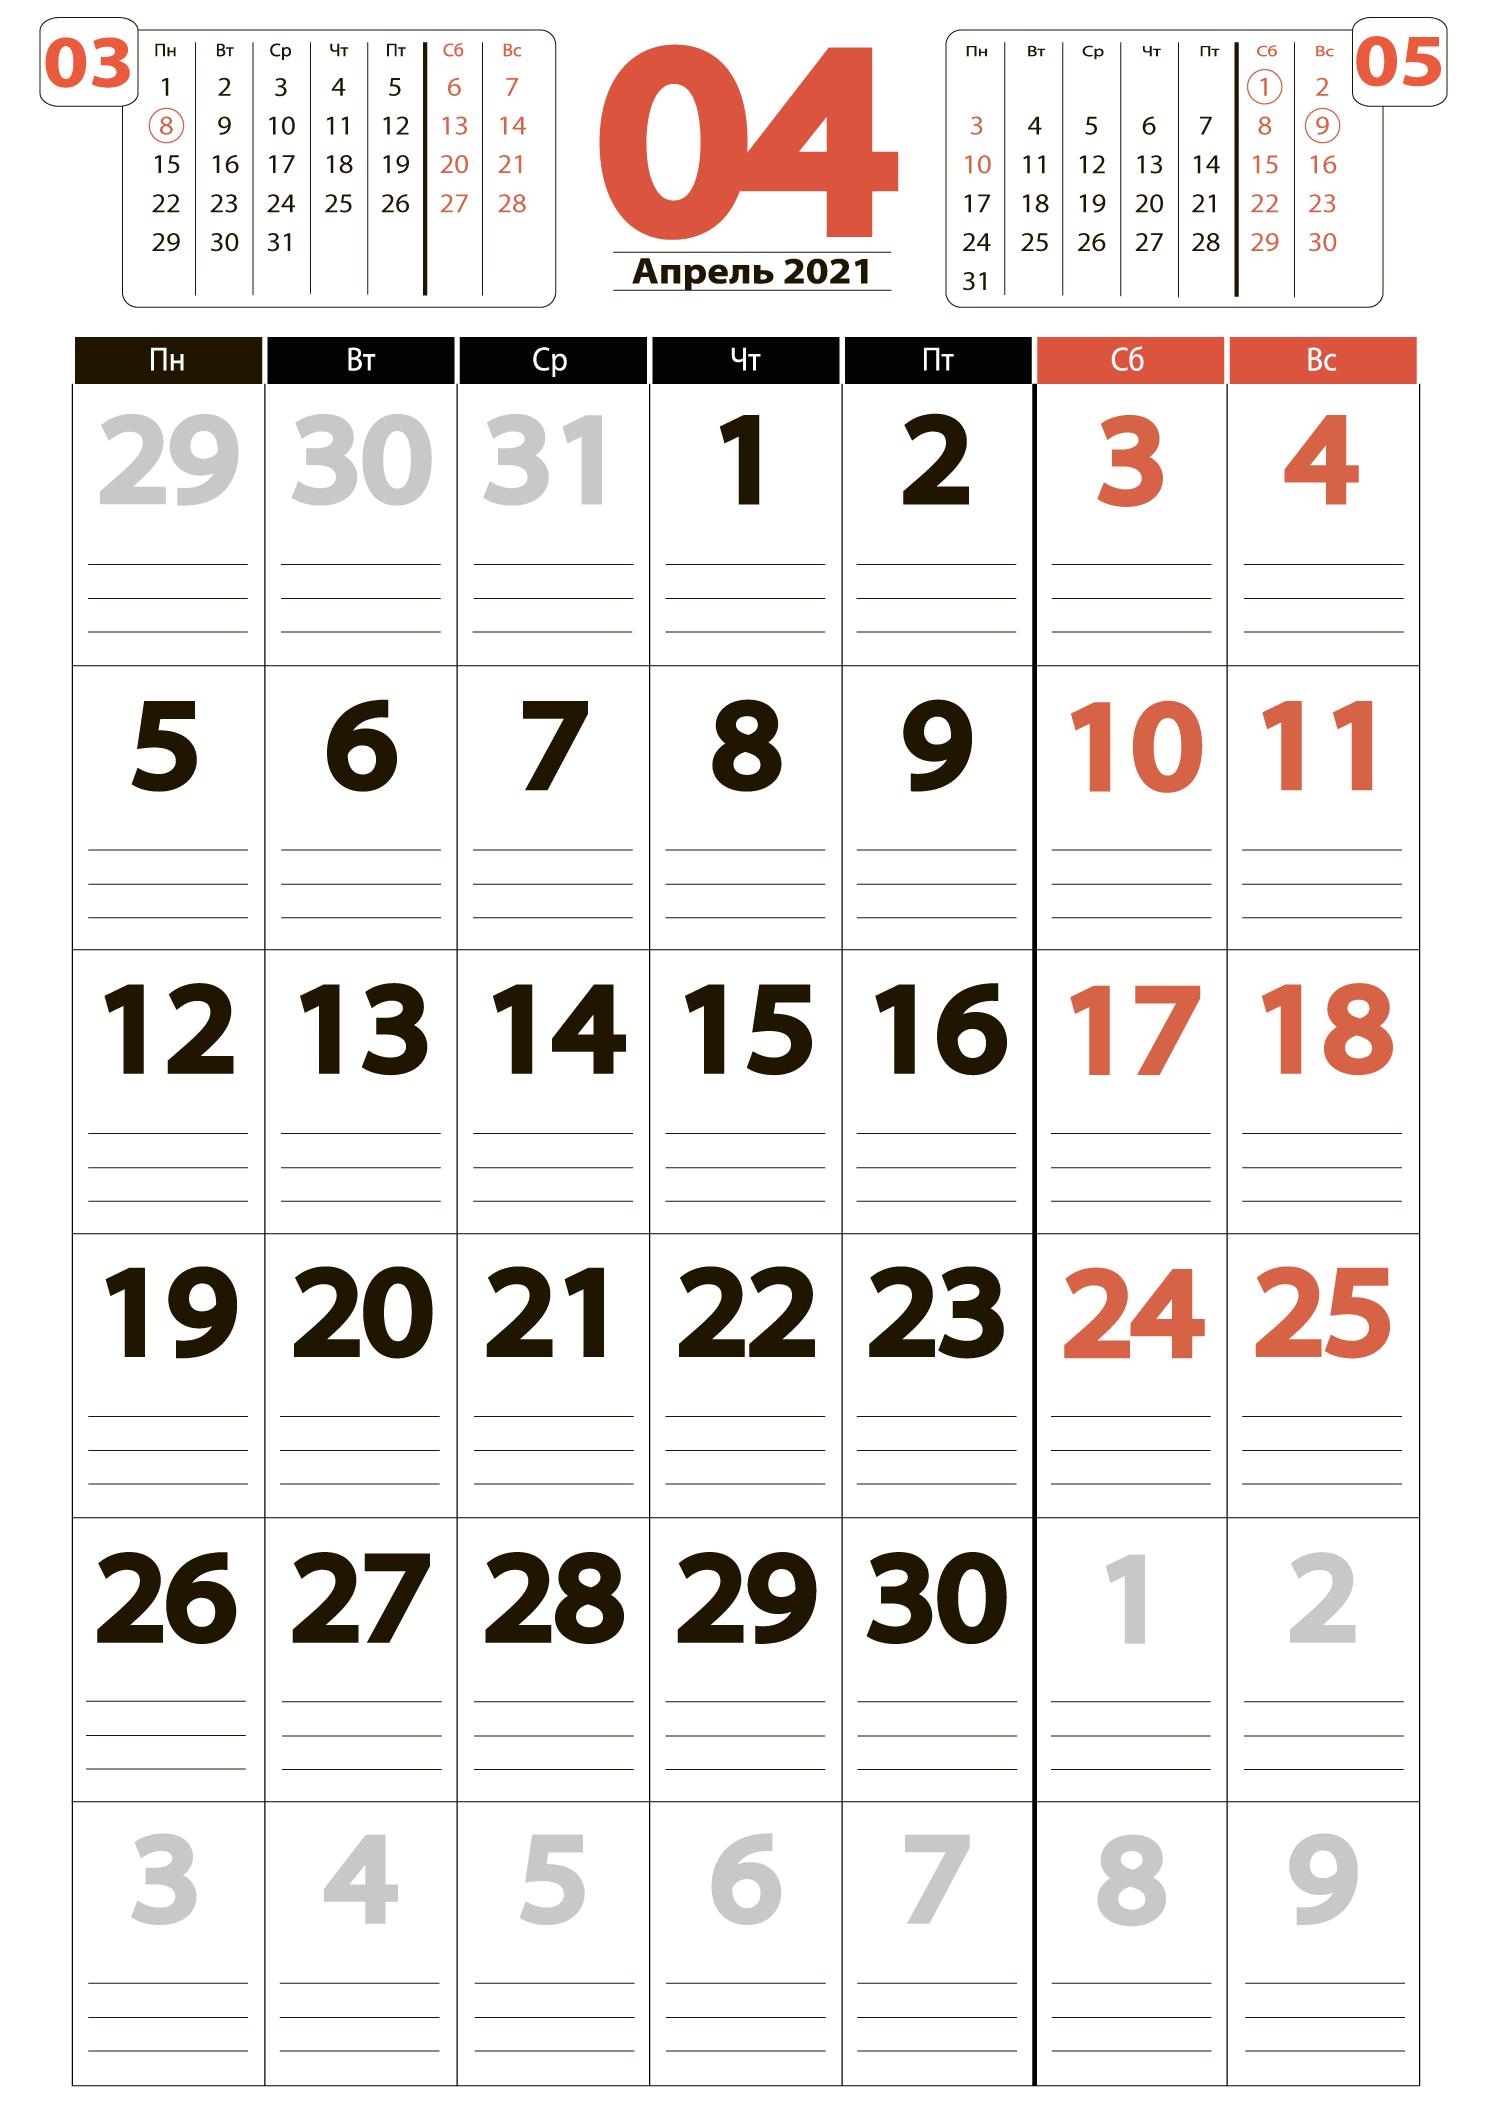 Печать крупного календаря на апрель 2021